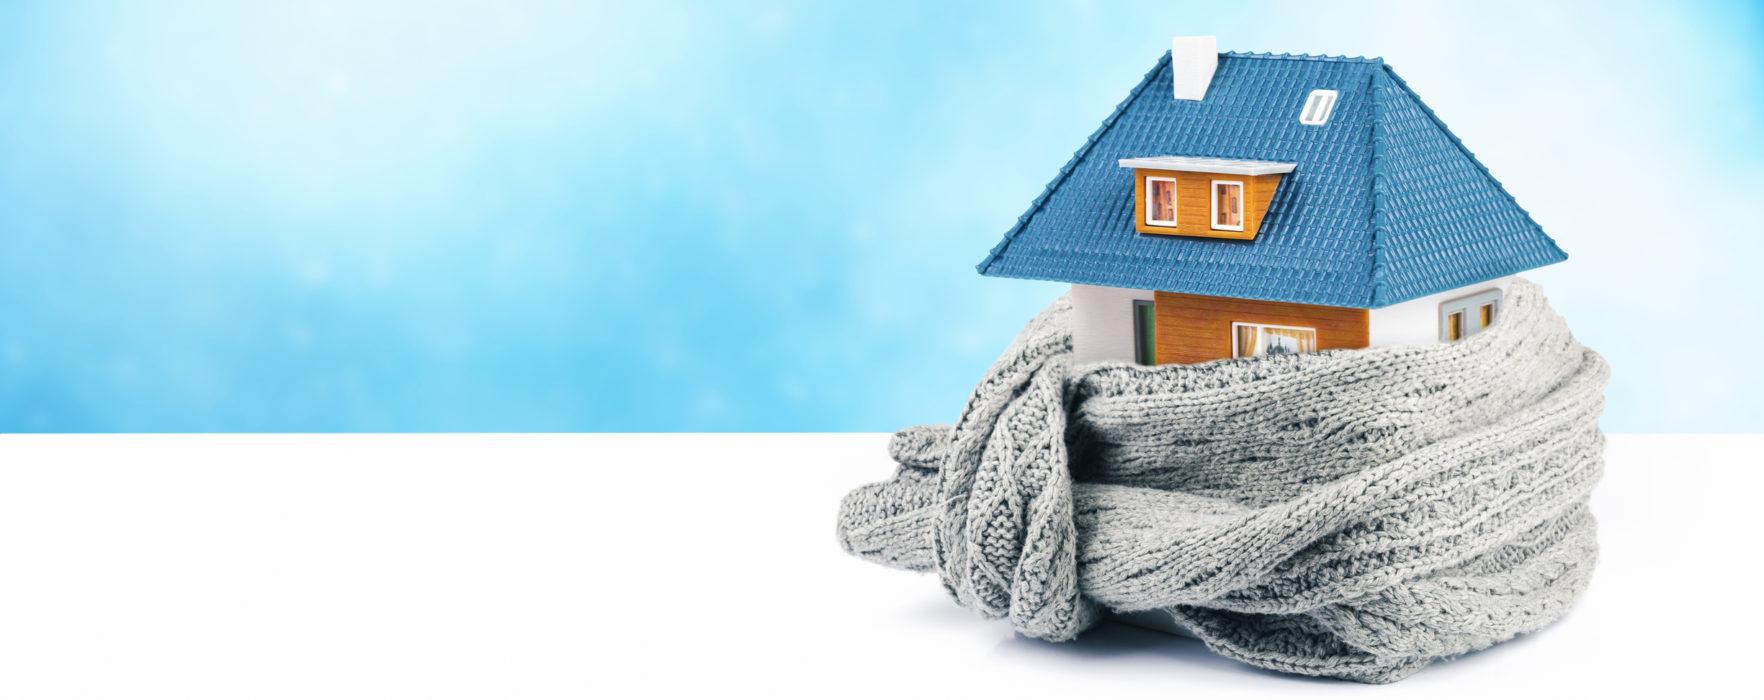 ¿A qué temperatura pongo la calefacción? Consejos para ahorrar energía